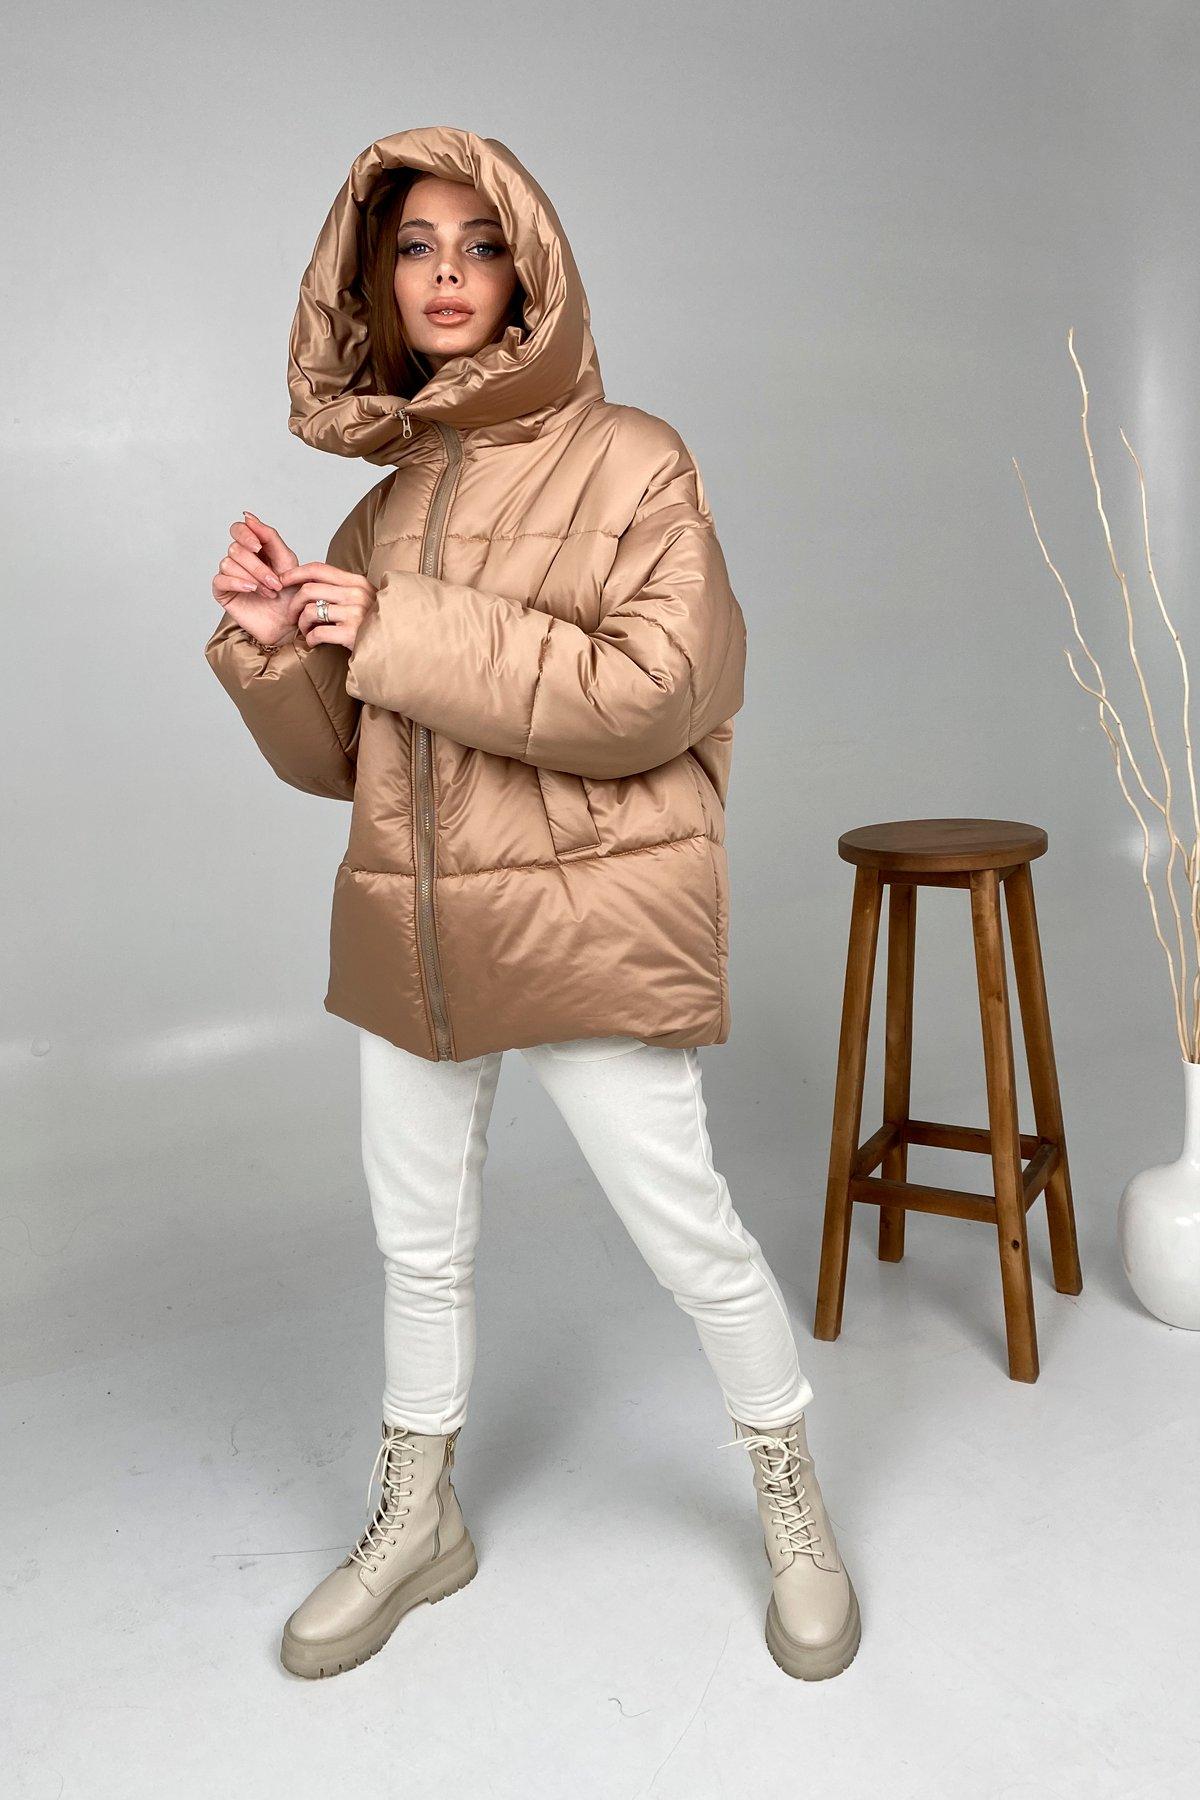 Овертайм  теплый пуховик из матовой плащевой ткани 10245 АРТ. 46536 Цвет: Кемел - фото 6, интернет магазин tm-modus.ru